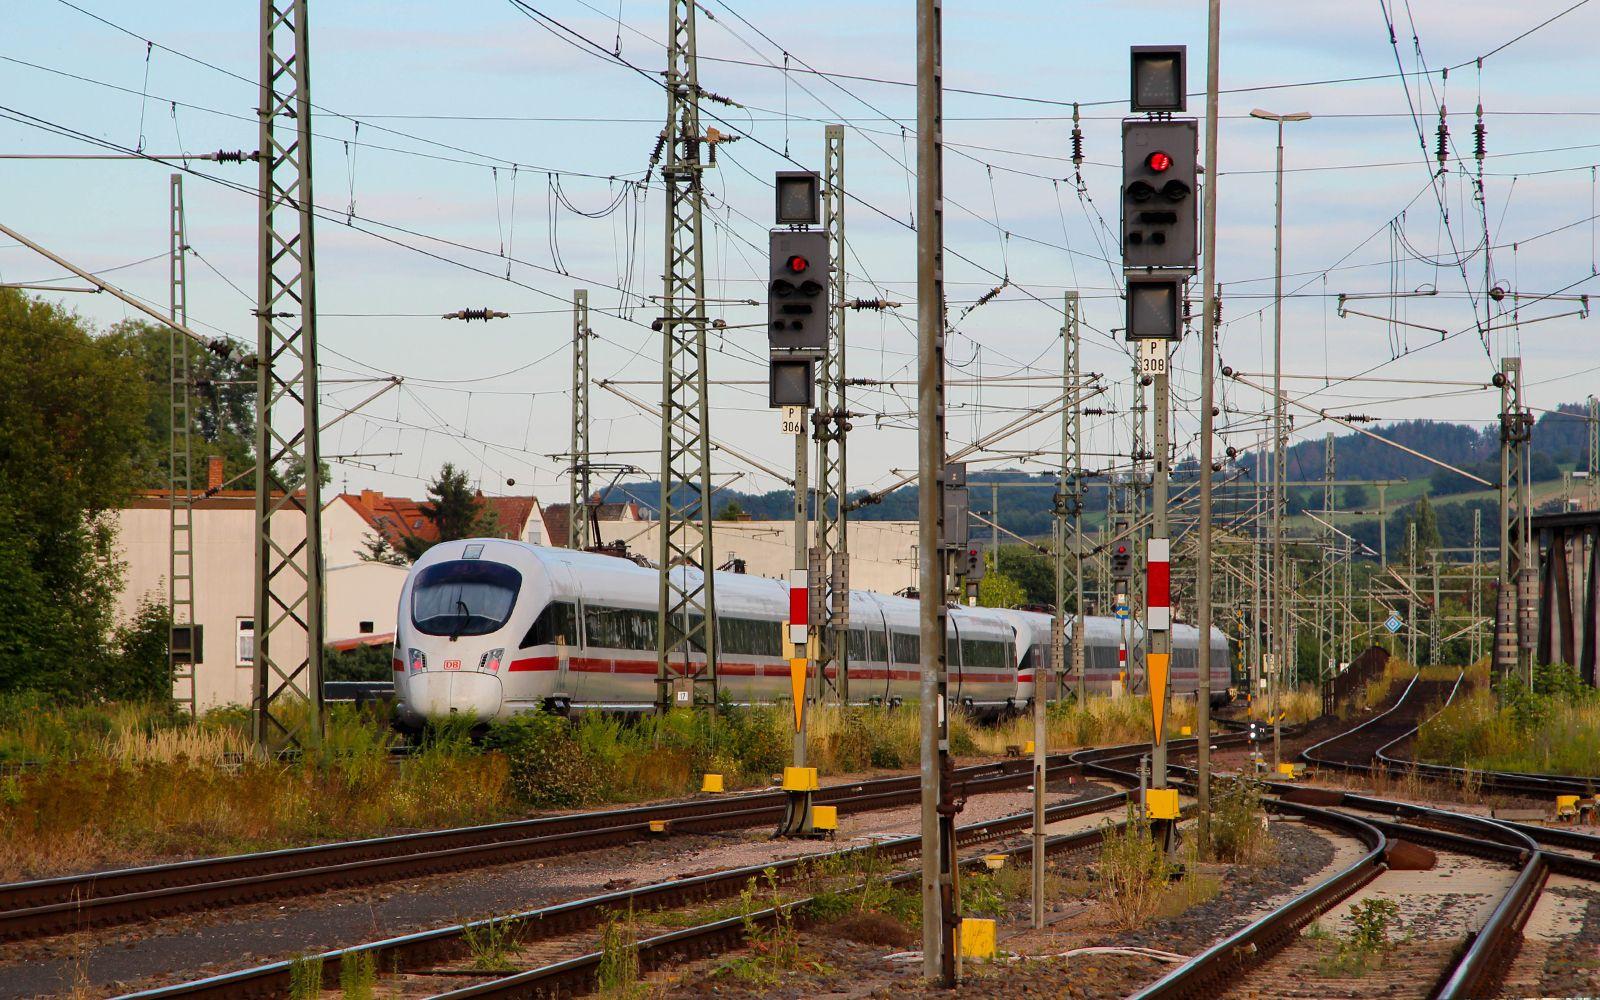 ©Foto: Denis Herwig   railmen   Lokführer im Dienst für InfraLeuna   ICE schlängelt sich durch das Schienennetz bei Eisenach   Zugüberholung